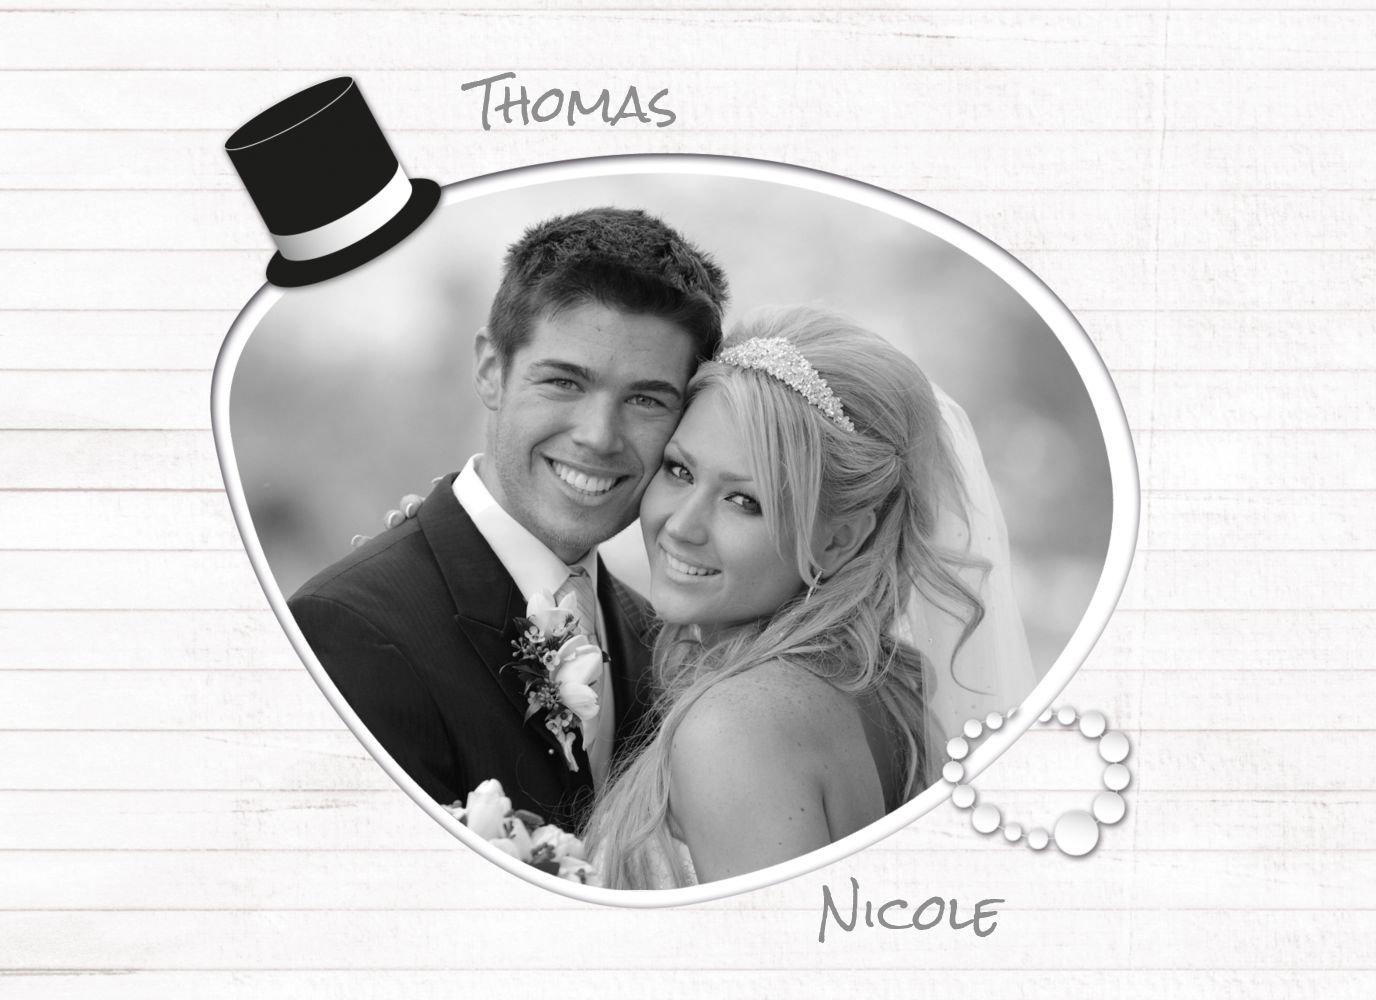 Kartenparadies Danksagung Danksagung Danksagung für Hochzeitsgeschenke Hochzeit Dankeskarte Kette Zylinder, hochwertige Danksagungskarte Hochzeitsglückwünsche inklusive Umschläge   10 Karten - (Format  148x105 mm) Farbe  Rosa B01N7ULZOT   Speichern    Groß ce0d3f